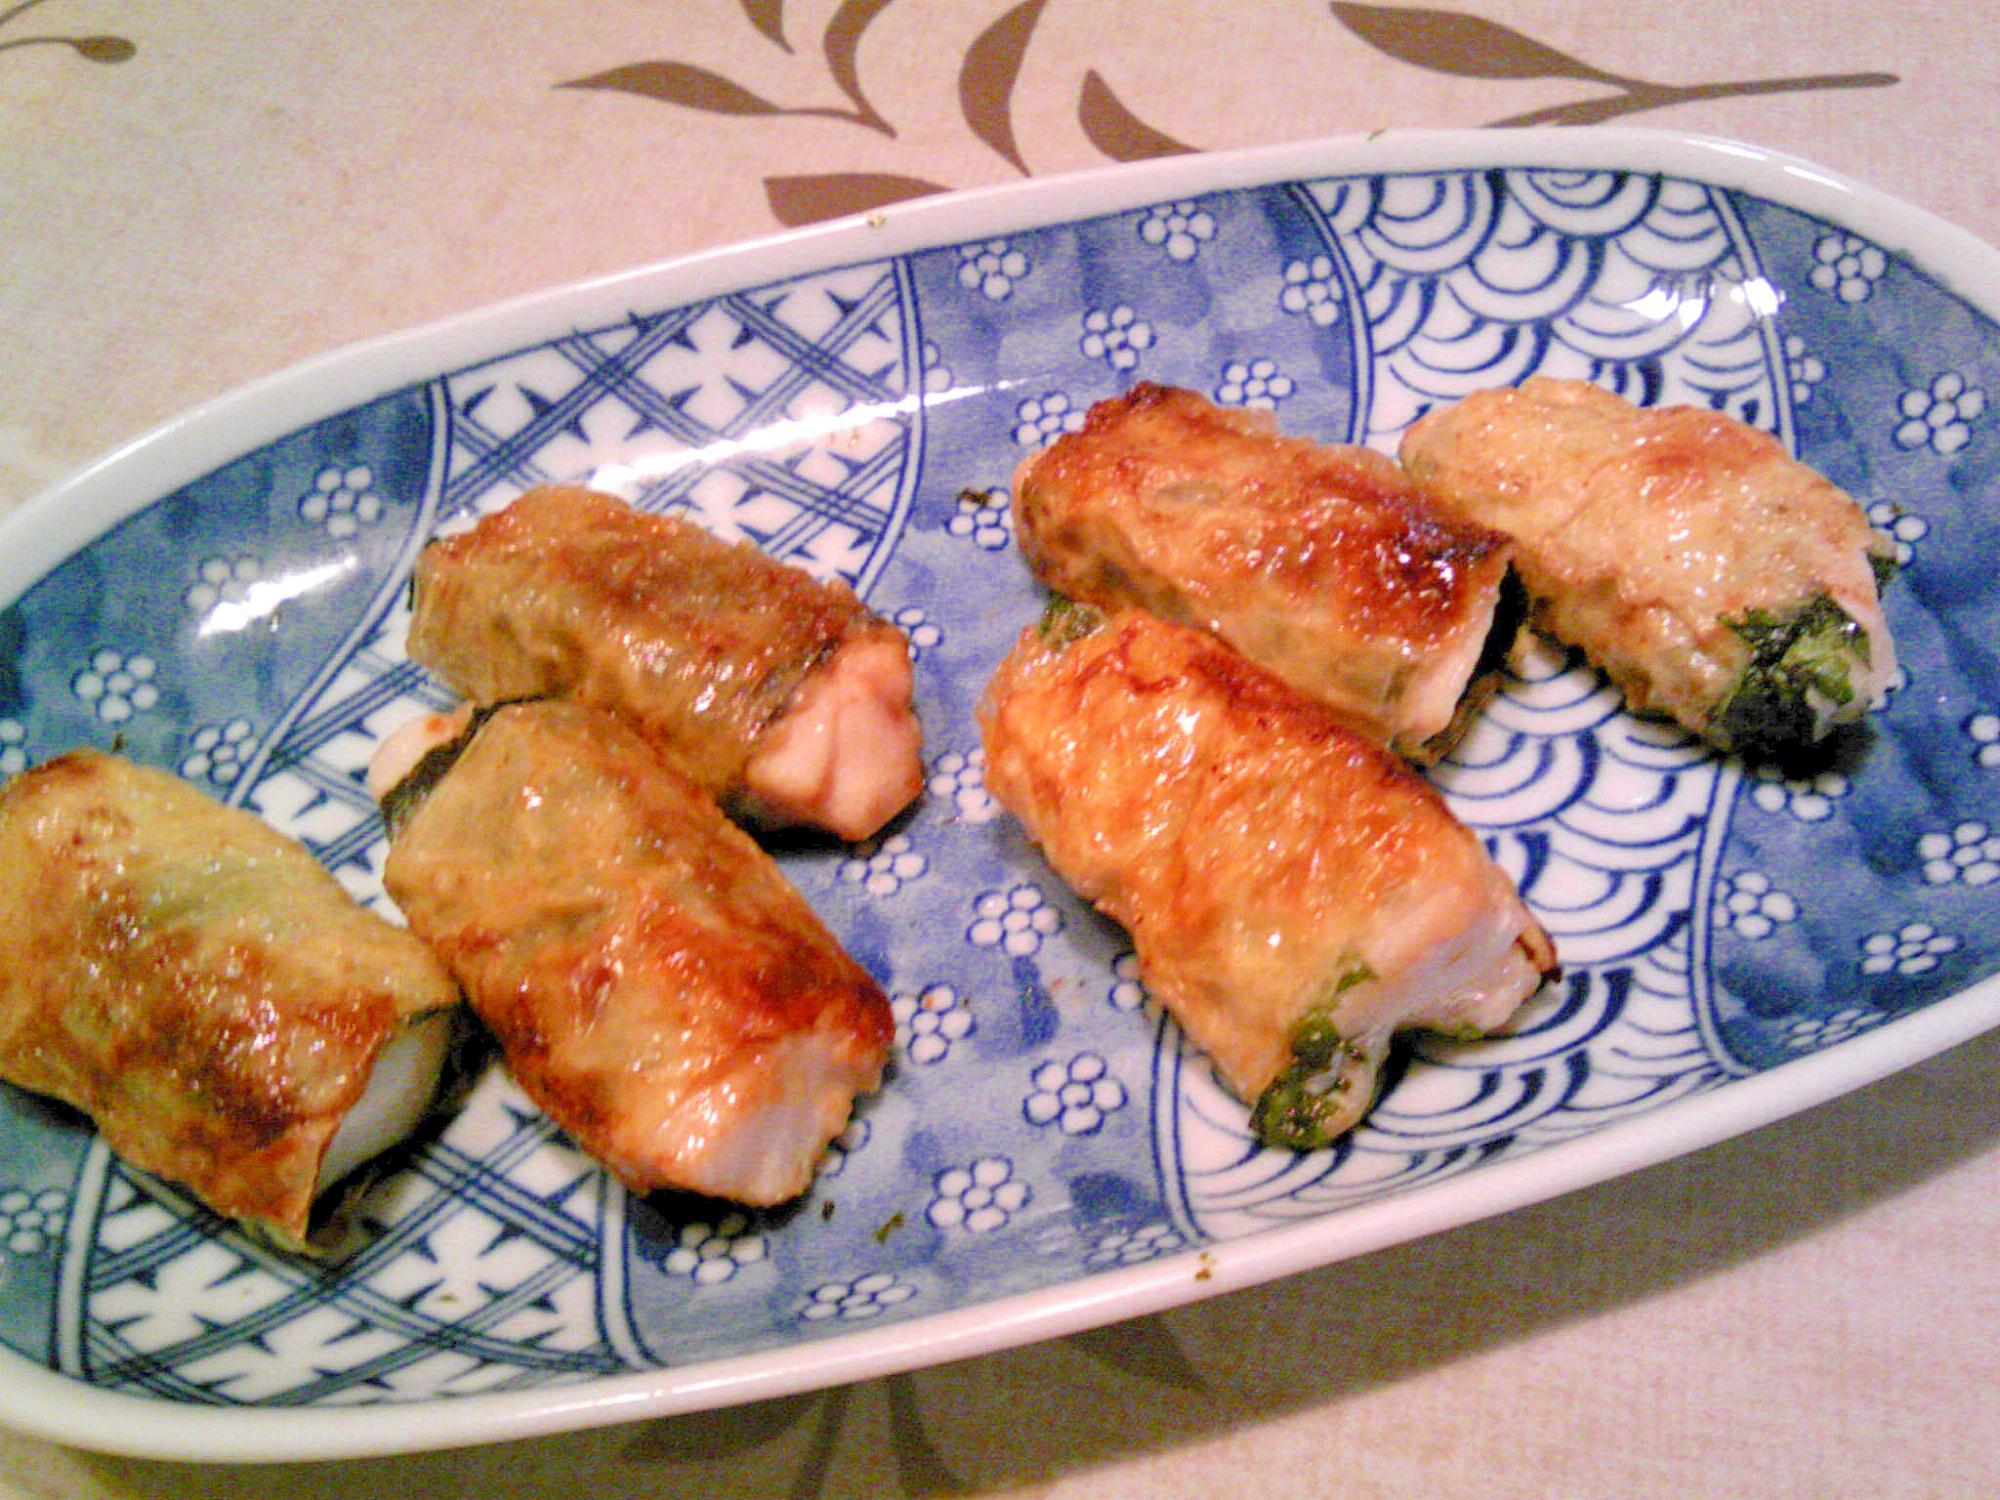 鶏むね肉の大葉・湯葉、海苔・湯葉巻揚げ焼き